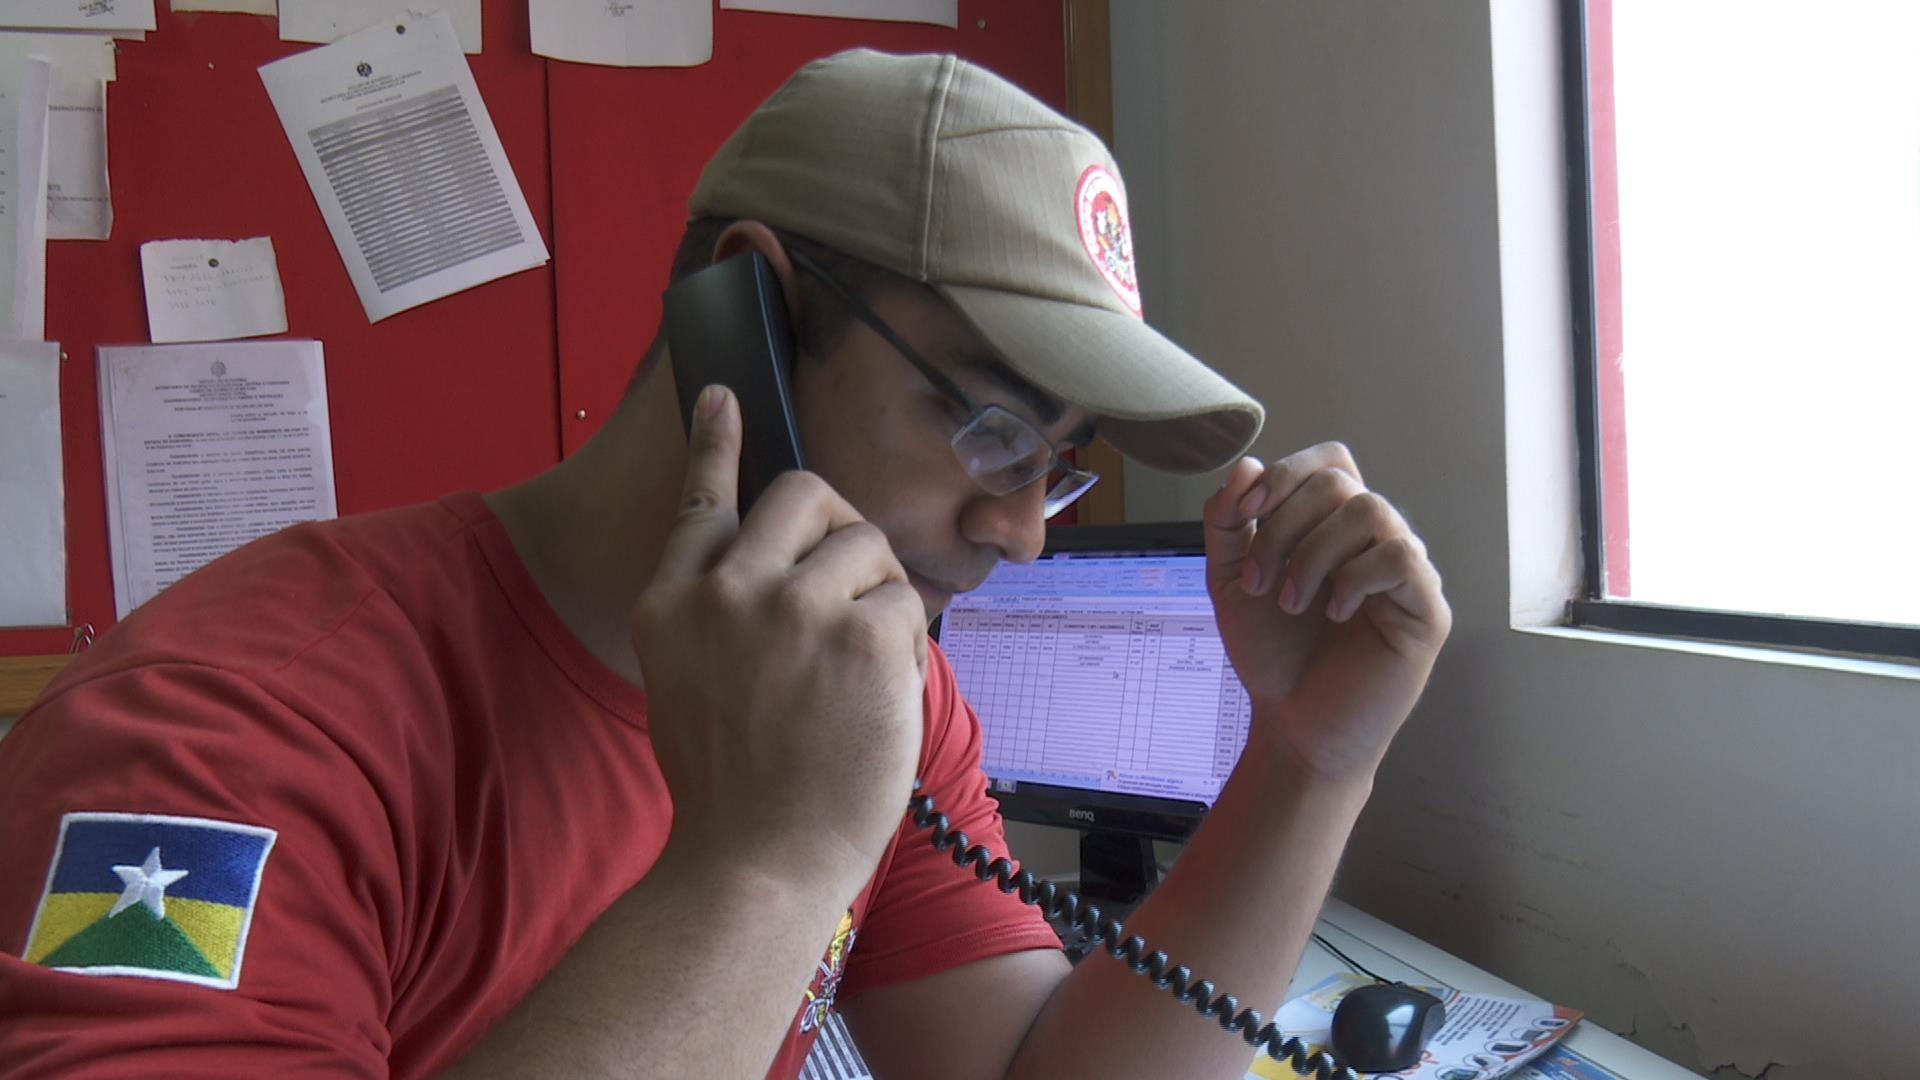 Bombeiros de Patos de Minas ficam com linhas telefônicas congestionadas por pedido de informação sobre curso